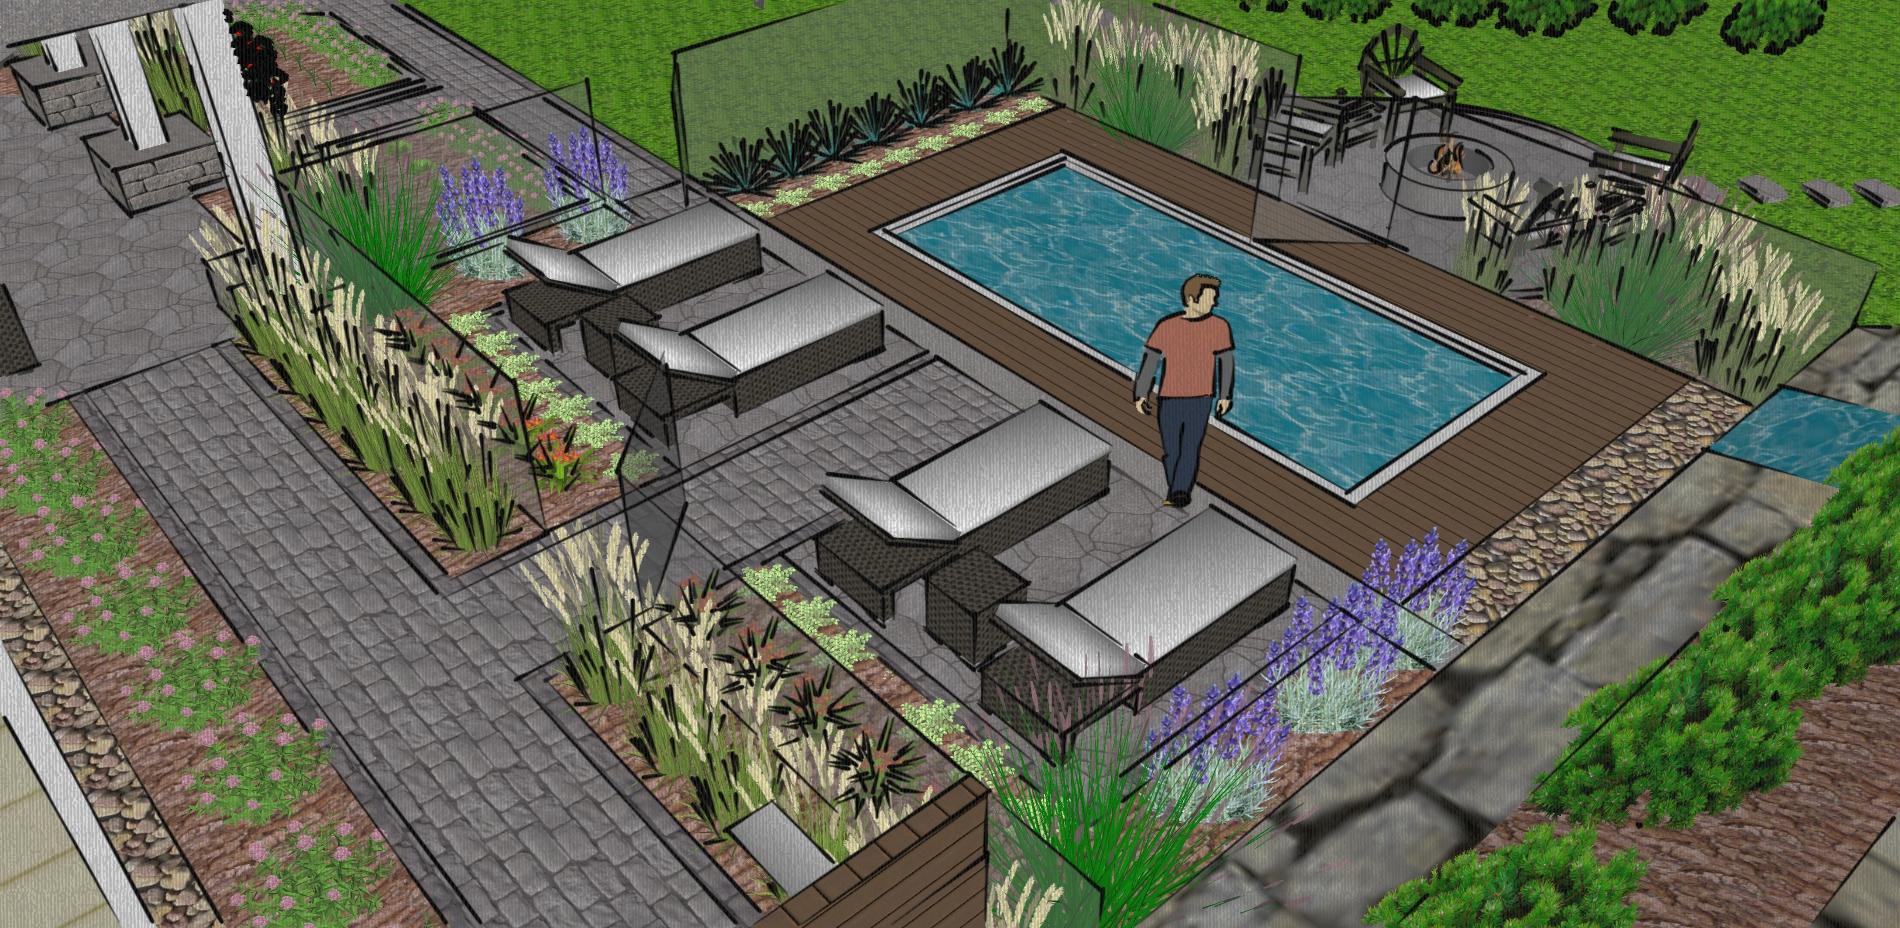 Plan d'aménagement de jardin